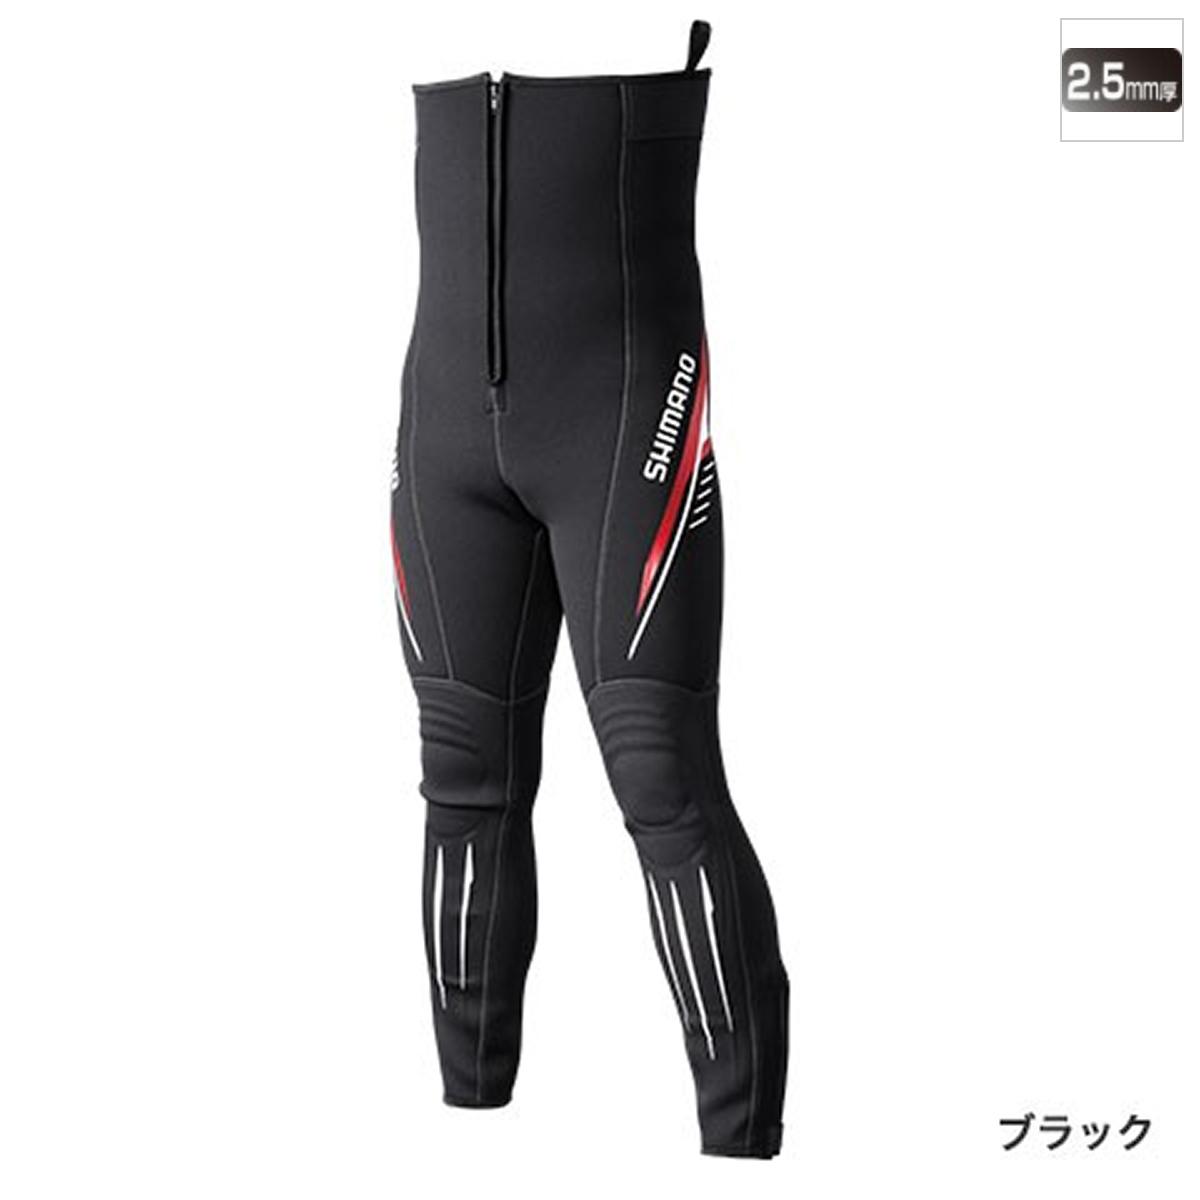 シマノ 鮎タイツT-2.5 TI-071Q LLB ブラック【送料無料】